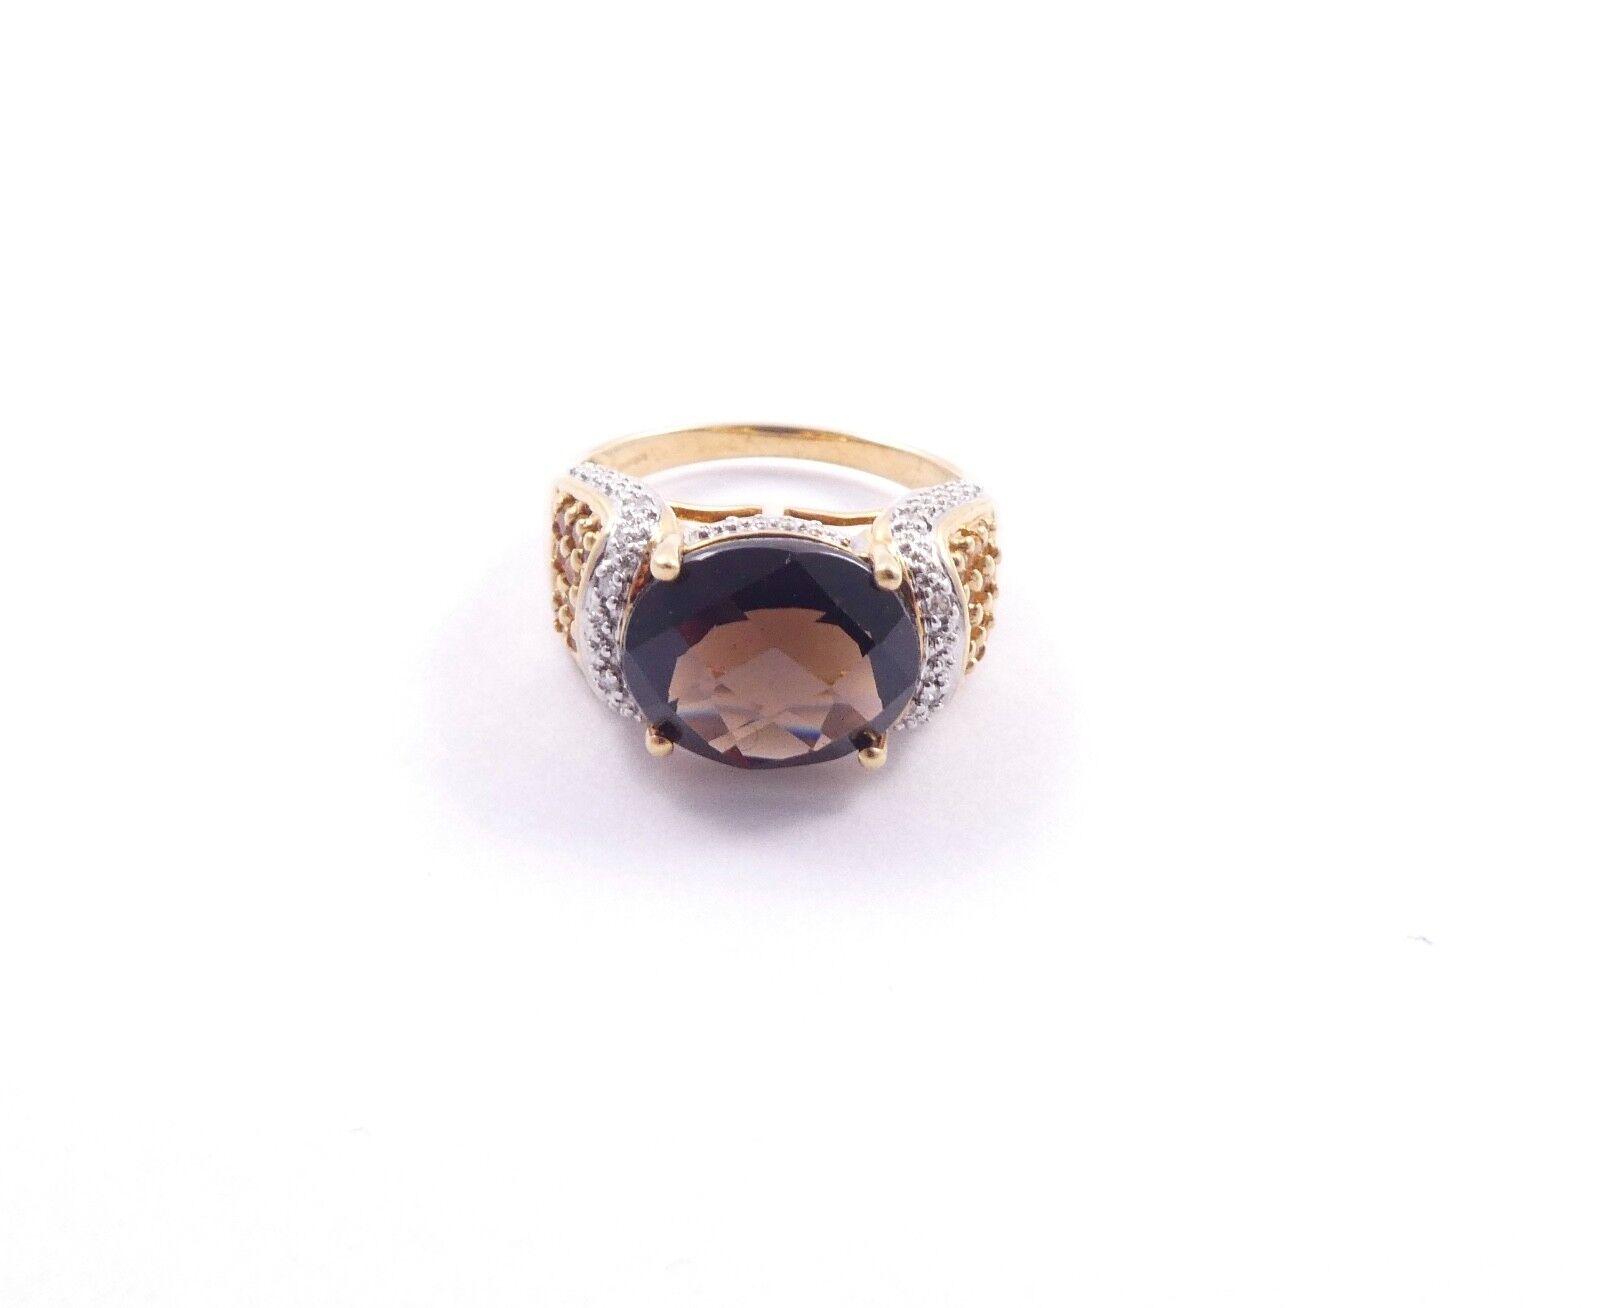 TOPAZIO Anello Anello Anello Di Diamanti oro Giallo 9 Carati Dimensione N 5.2g XL 7e43f3